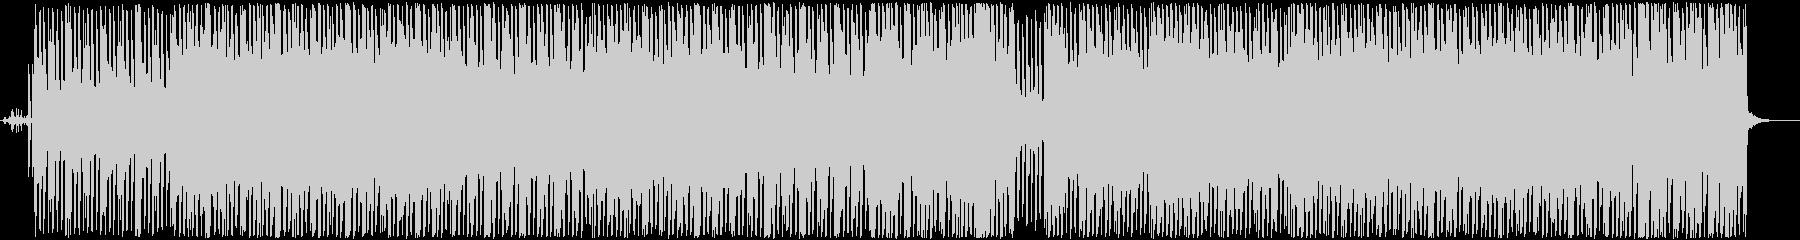 メロウなシンセベースのLo-Fiの未再生の波形